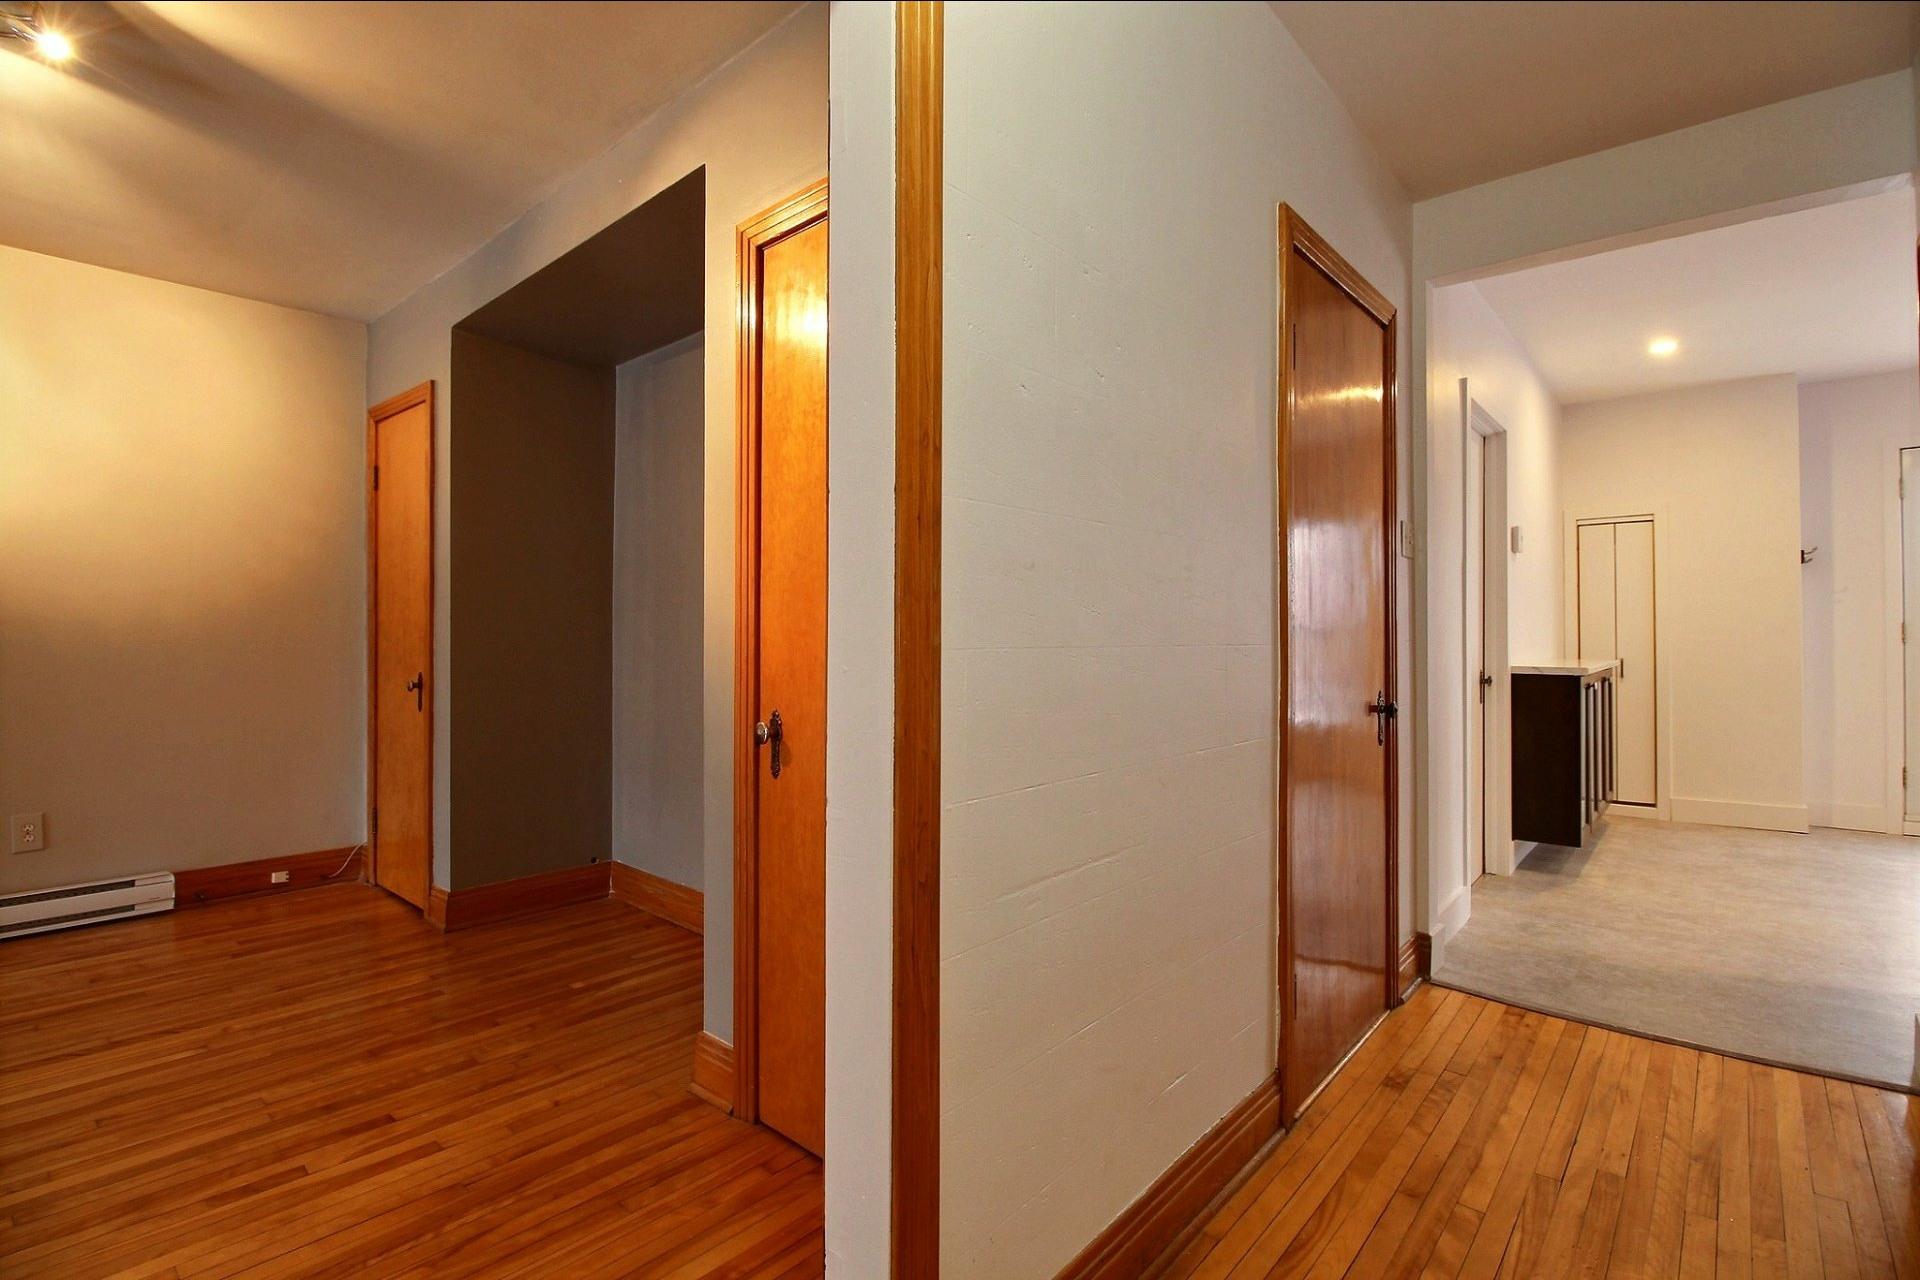 image 13 - Appartement À louer Ahuntsic-Cartierville Montréal  - 7 pièces